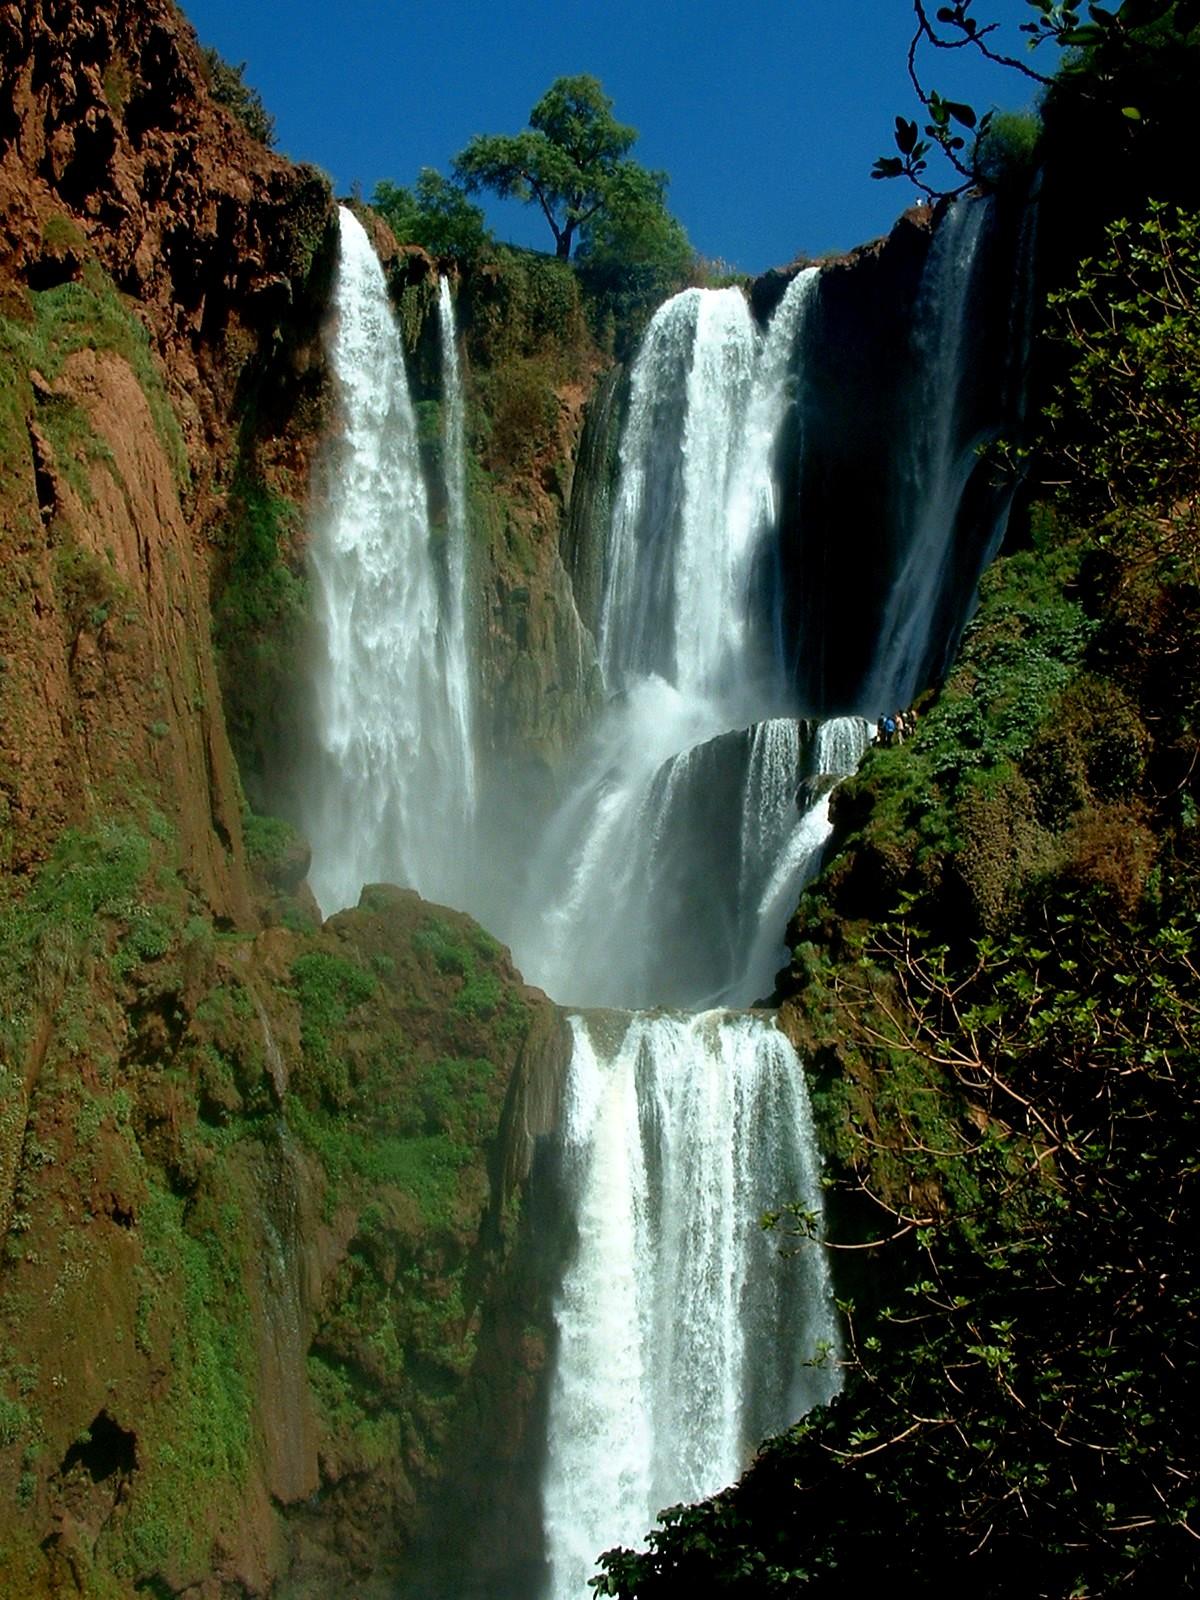 Cascadas de Ouzoud, en Marruecos, de las excursiones mejores y más bonitas de Marruecos